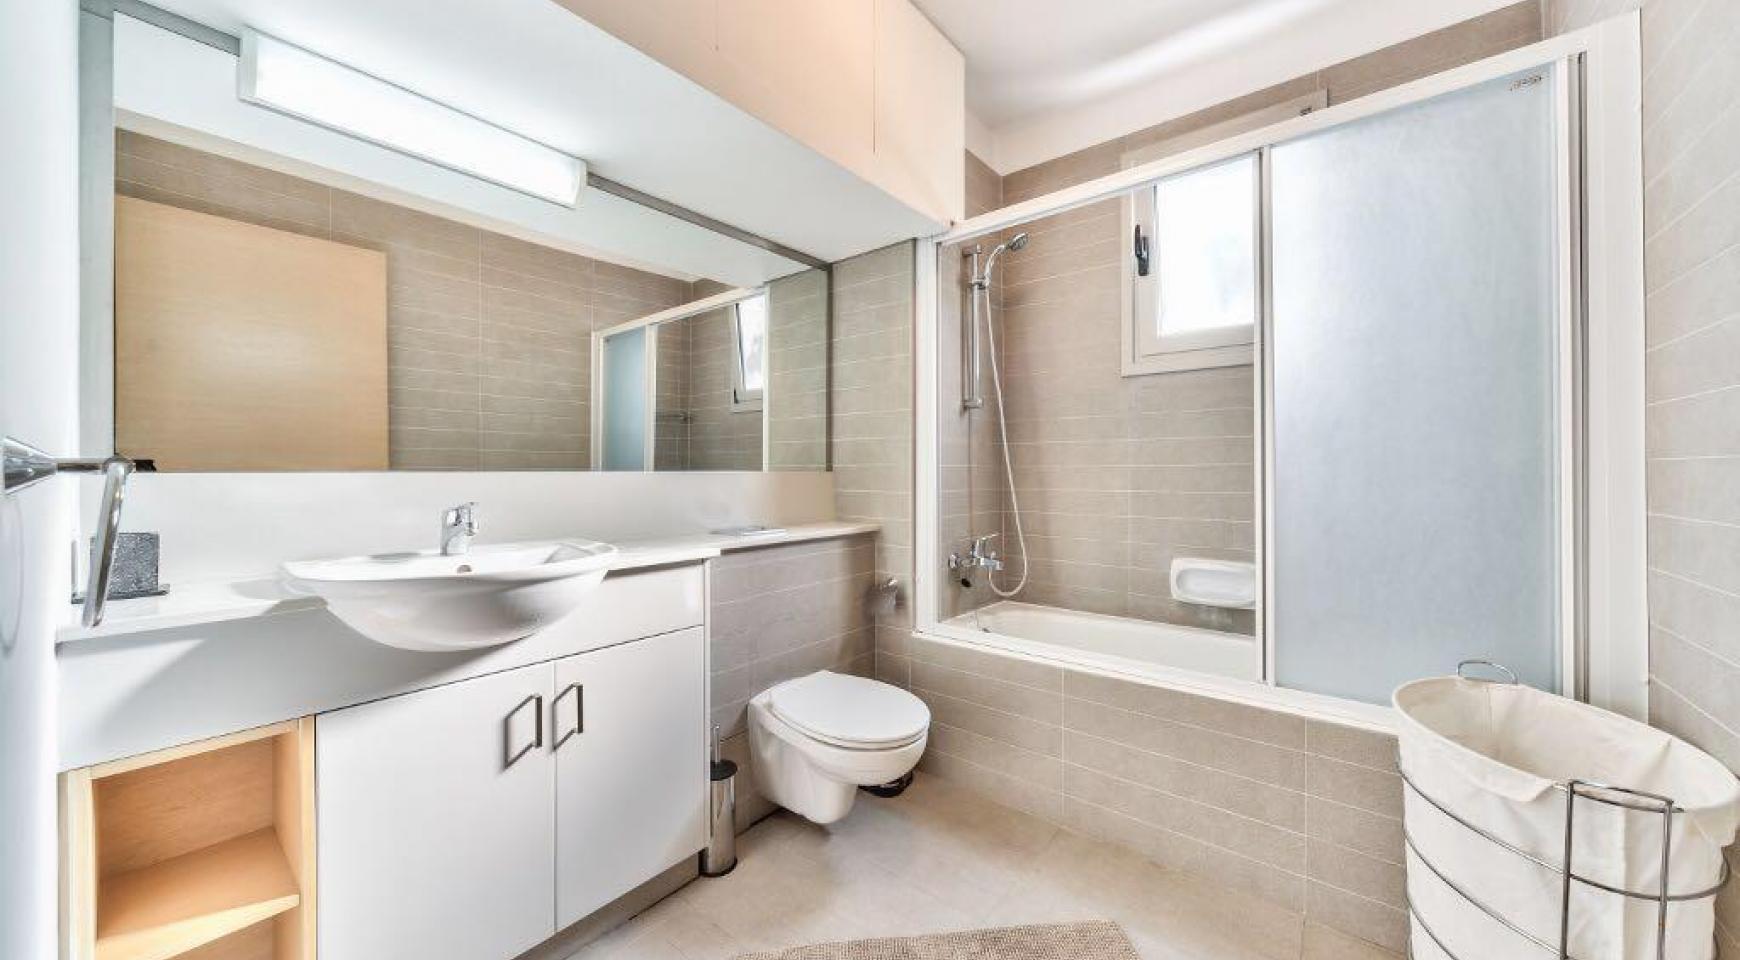 Luxury One Bedroom Apartment in a Prestigious Complex near the Sea - 5